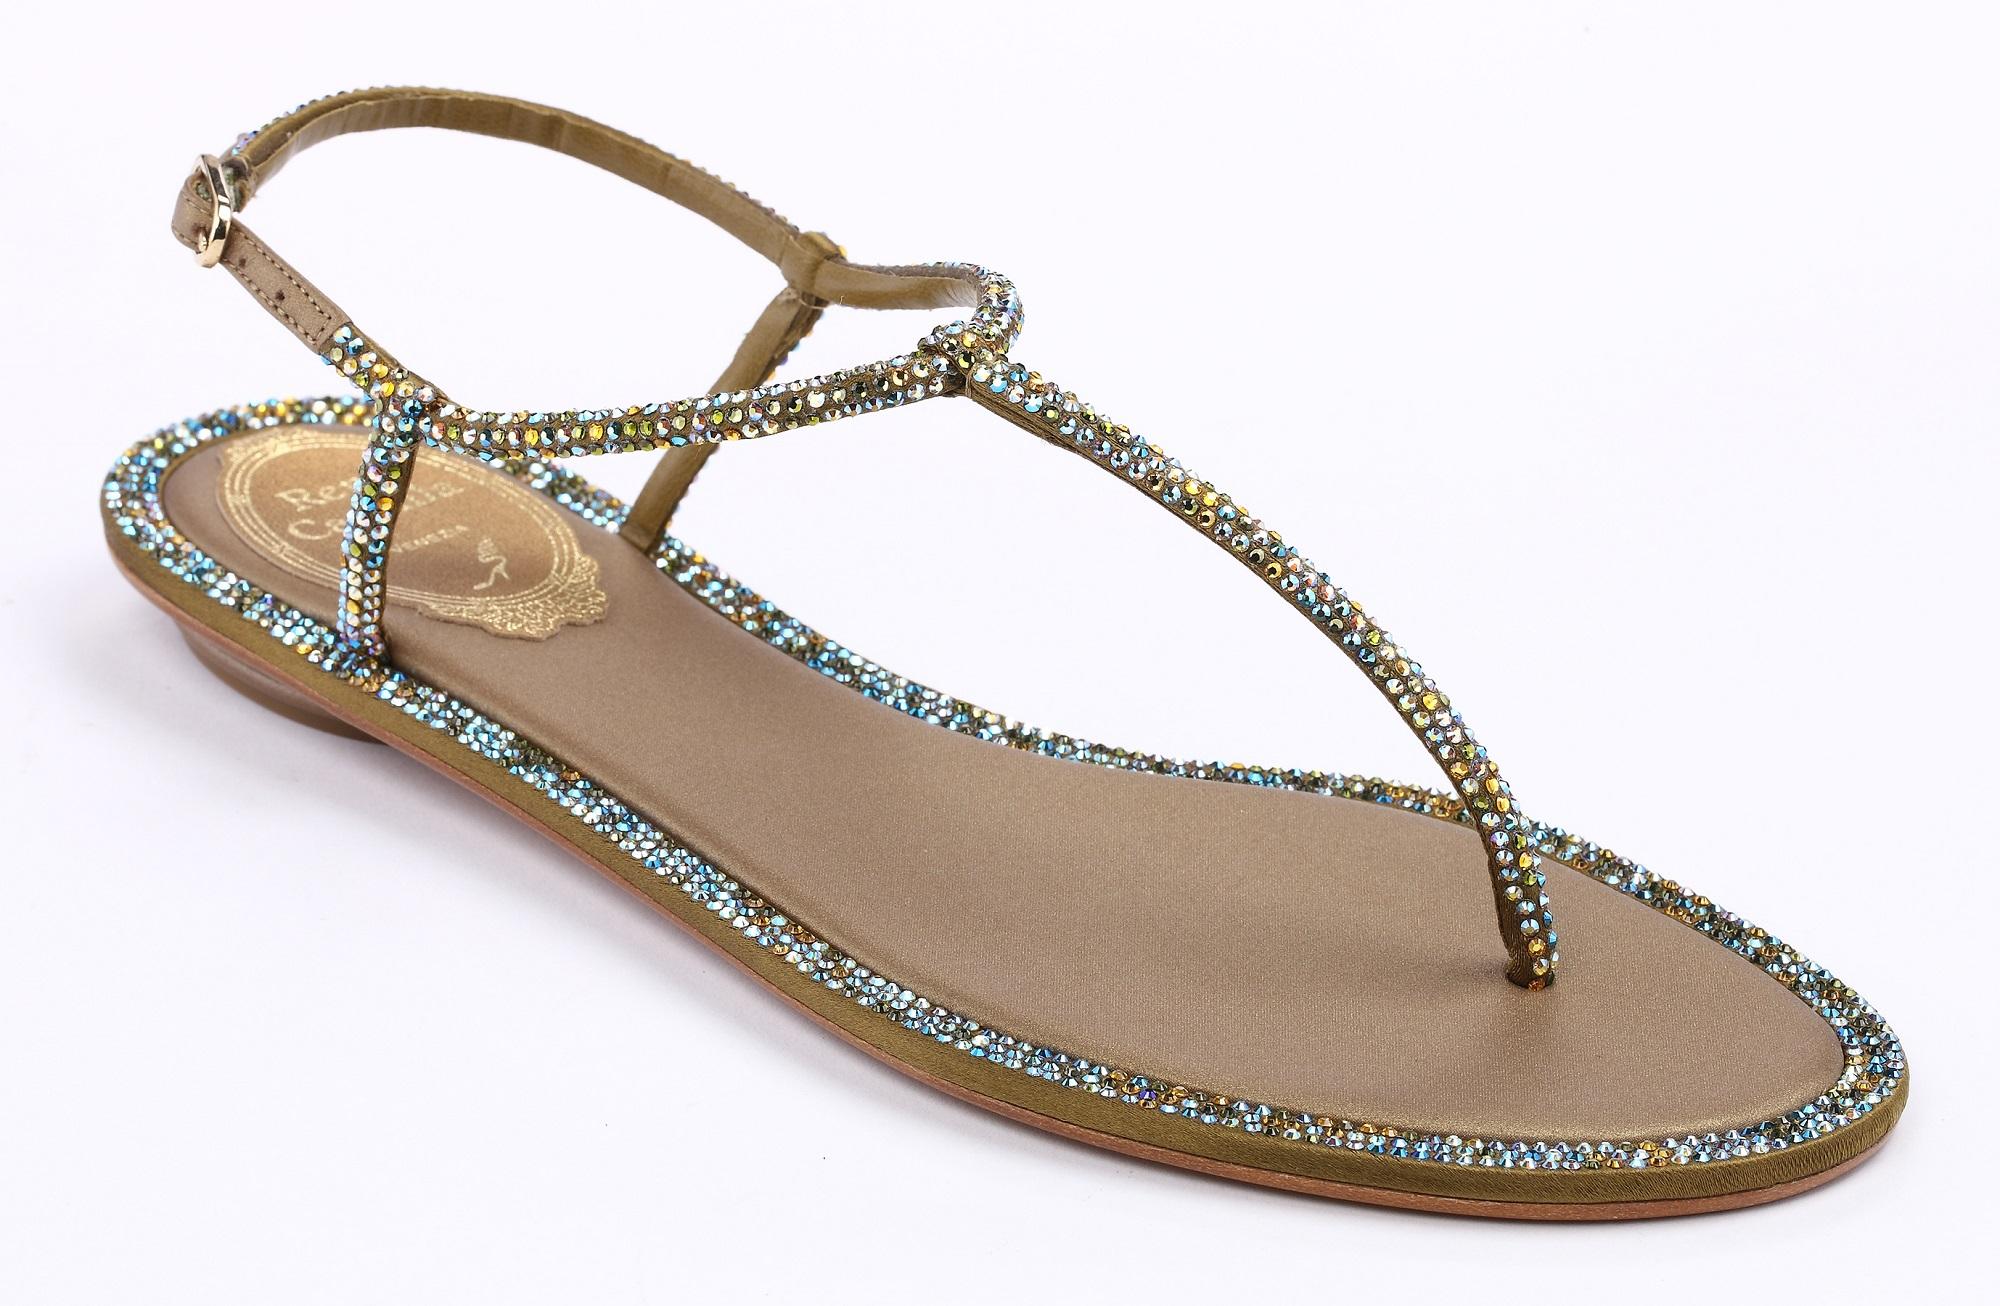 橄欖綠T字鑽光平底涼鞋 NT$37,000